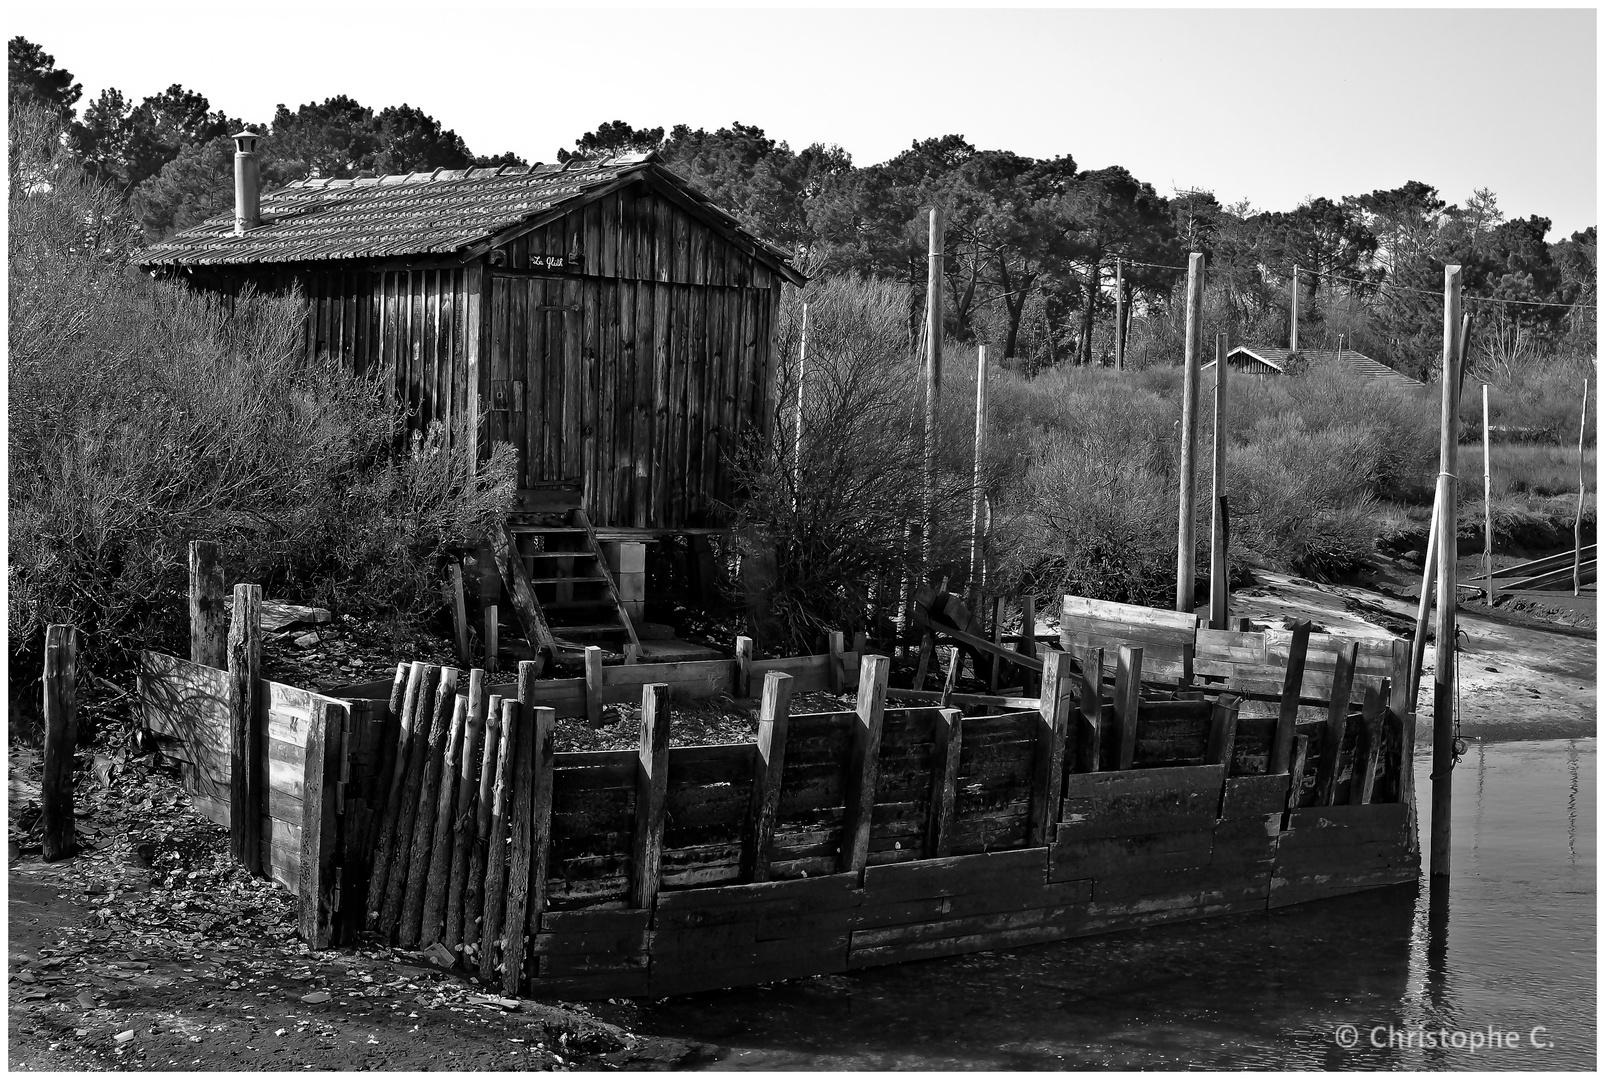 Cabane au Port de La Hume - Bassin d'Arcachon